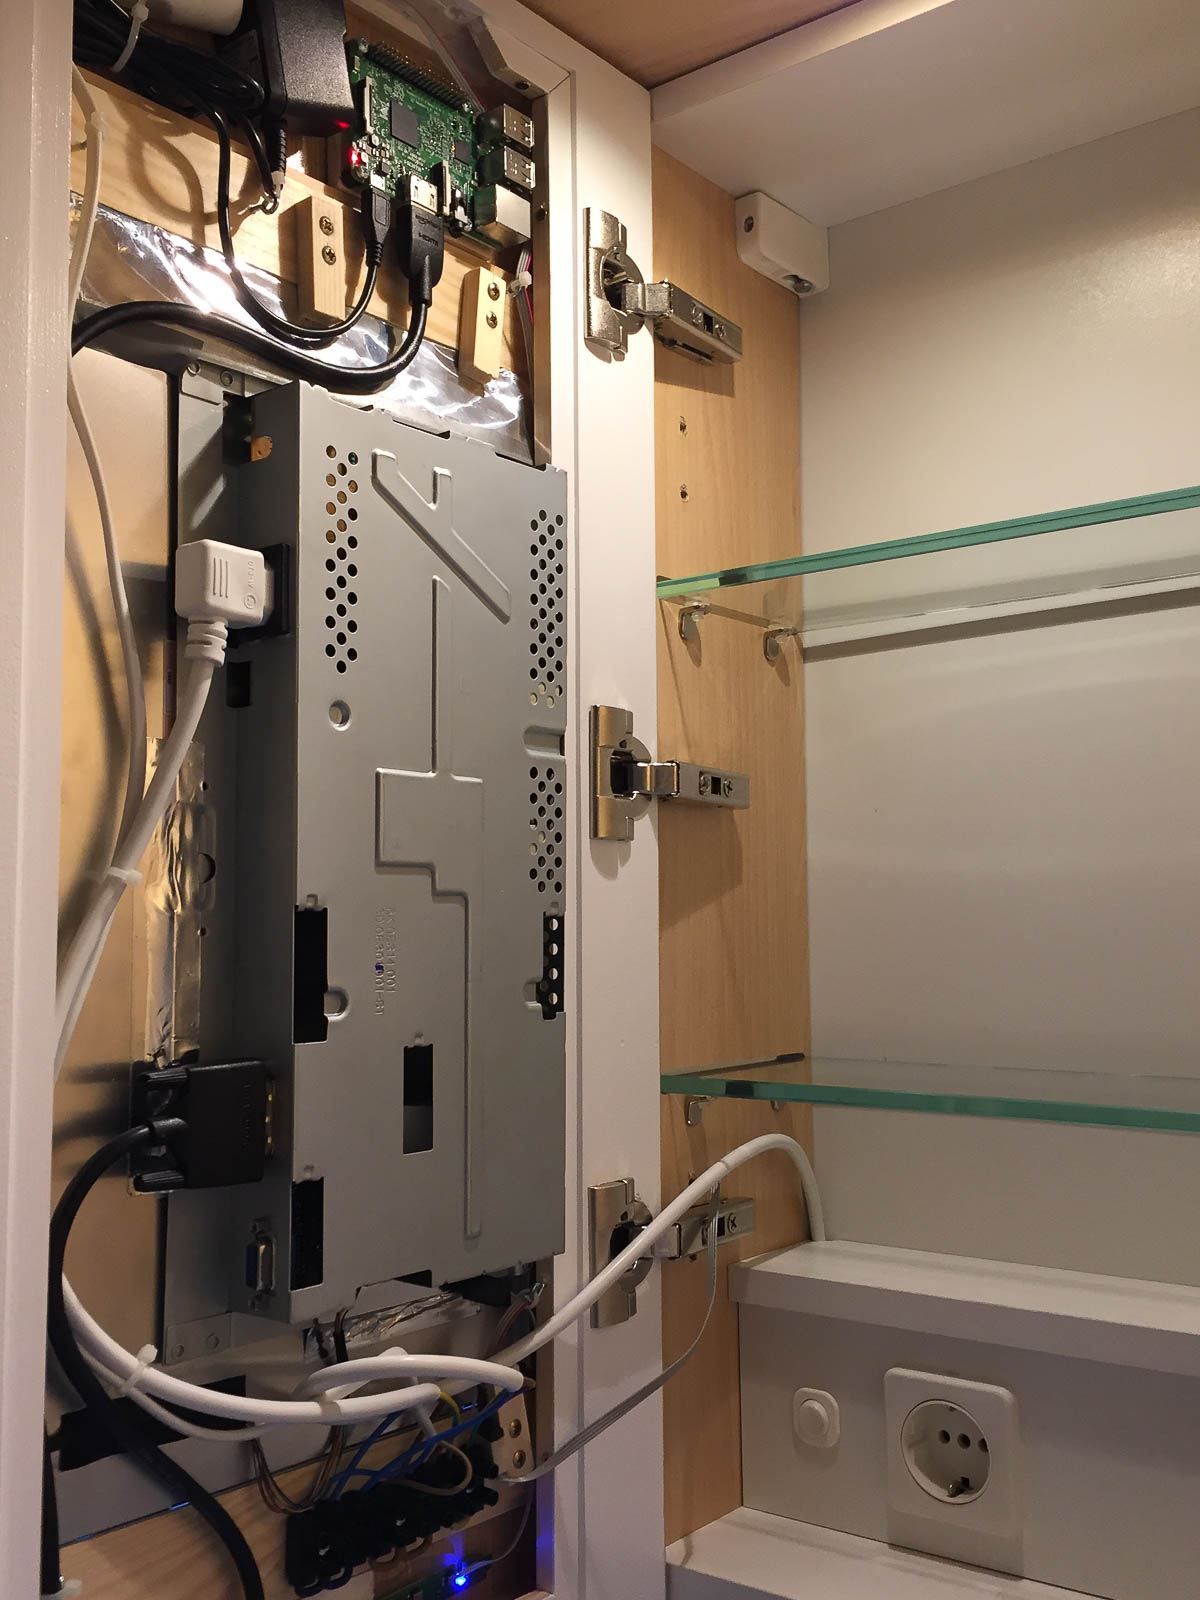 SmartMirror: Montageplatten und Installation der Hardware